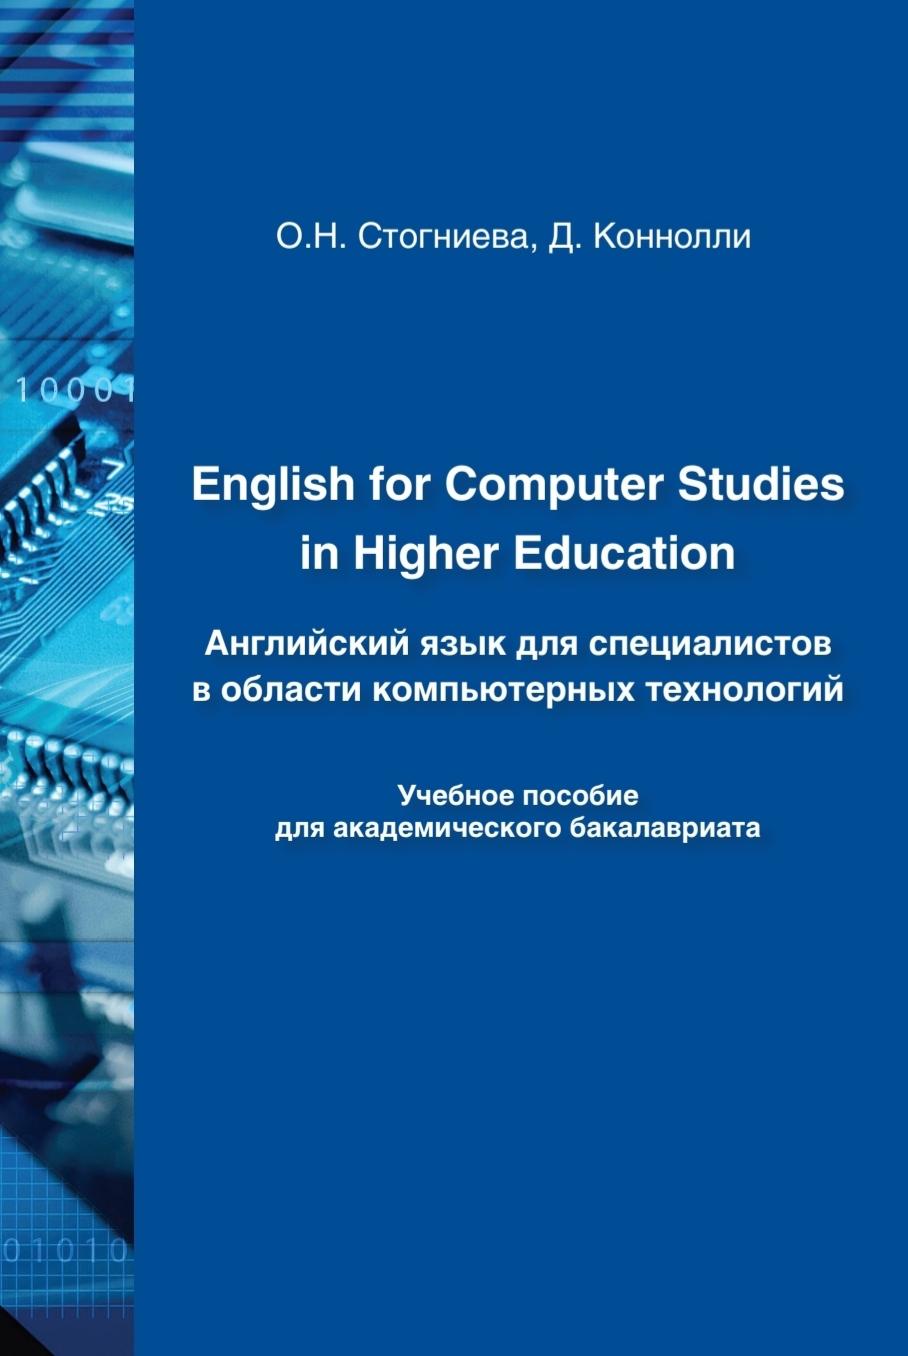 Английский язык для специалистов в области компьютерных технологий: Учебное пособие для академического бакалавриата